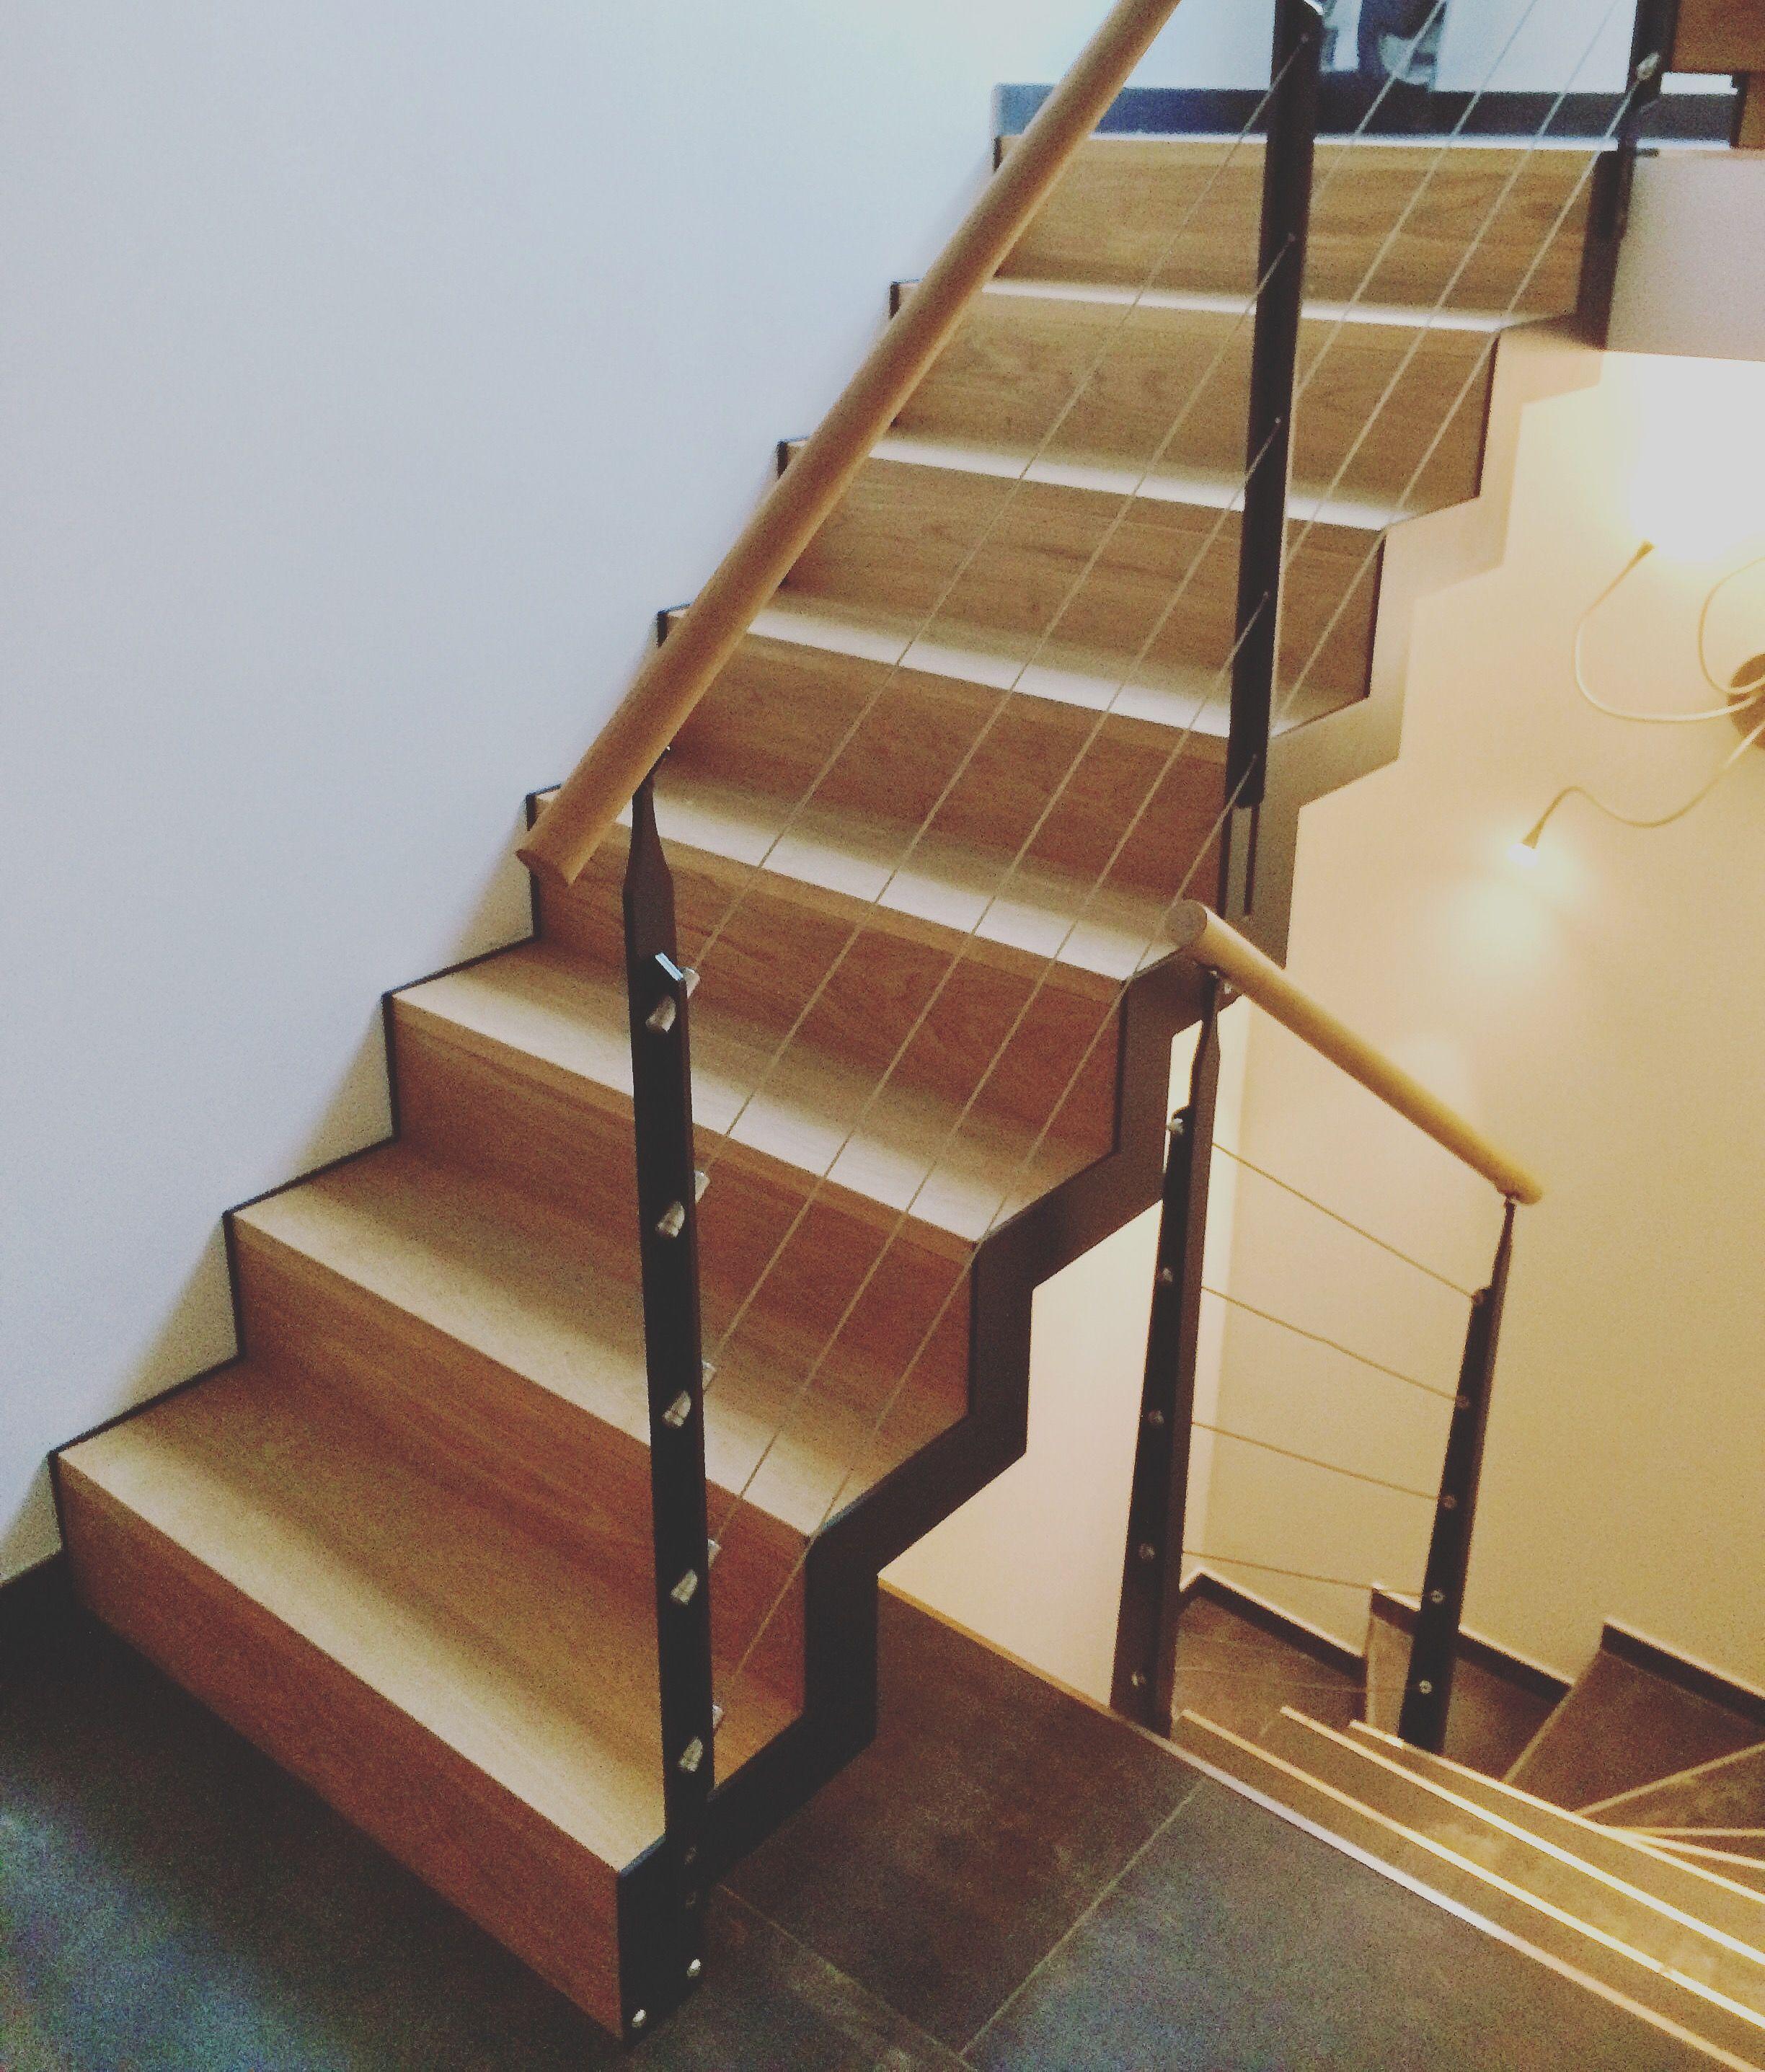 escalier int rieur droit m tallique cet escalier limons cr maill re d coup s est compos de. Black Bedroom Furniture Sets. Home Design Ideas